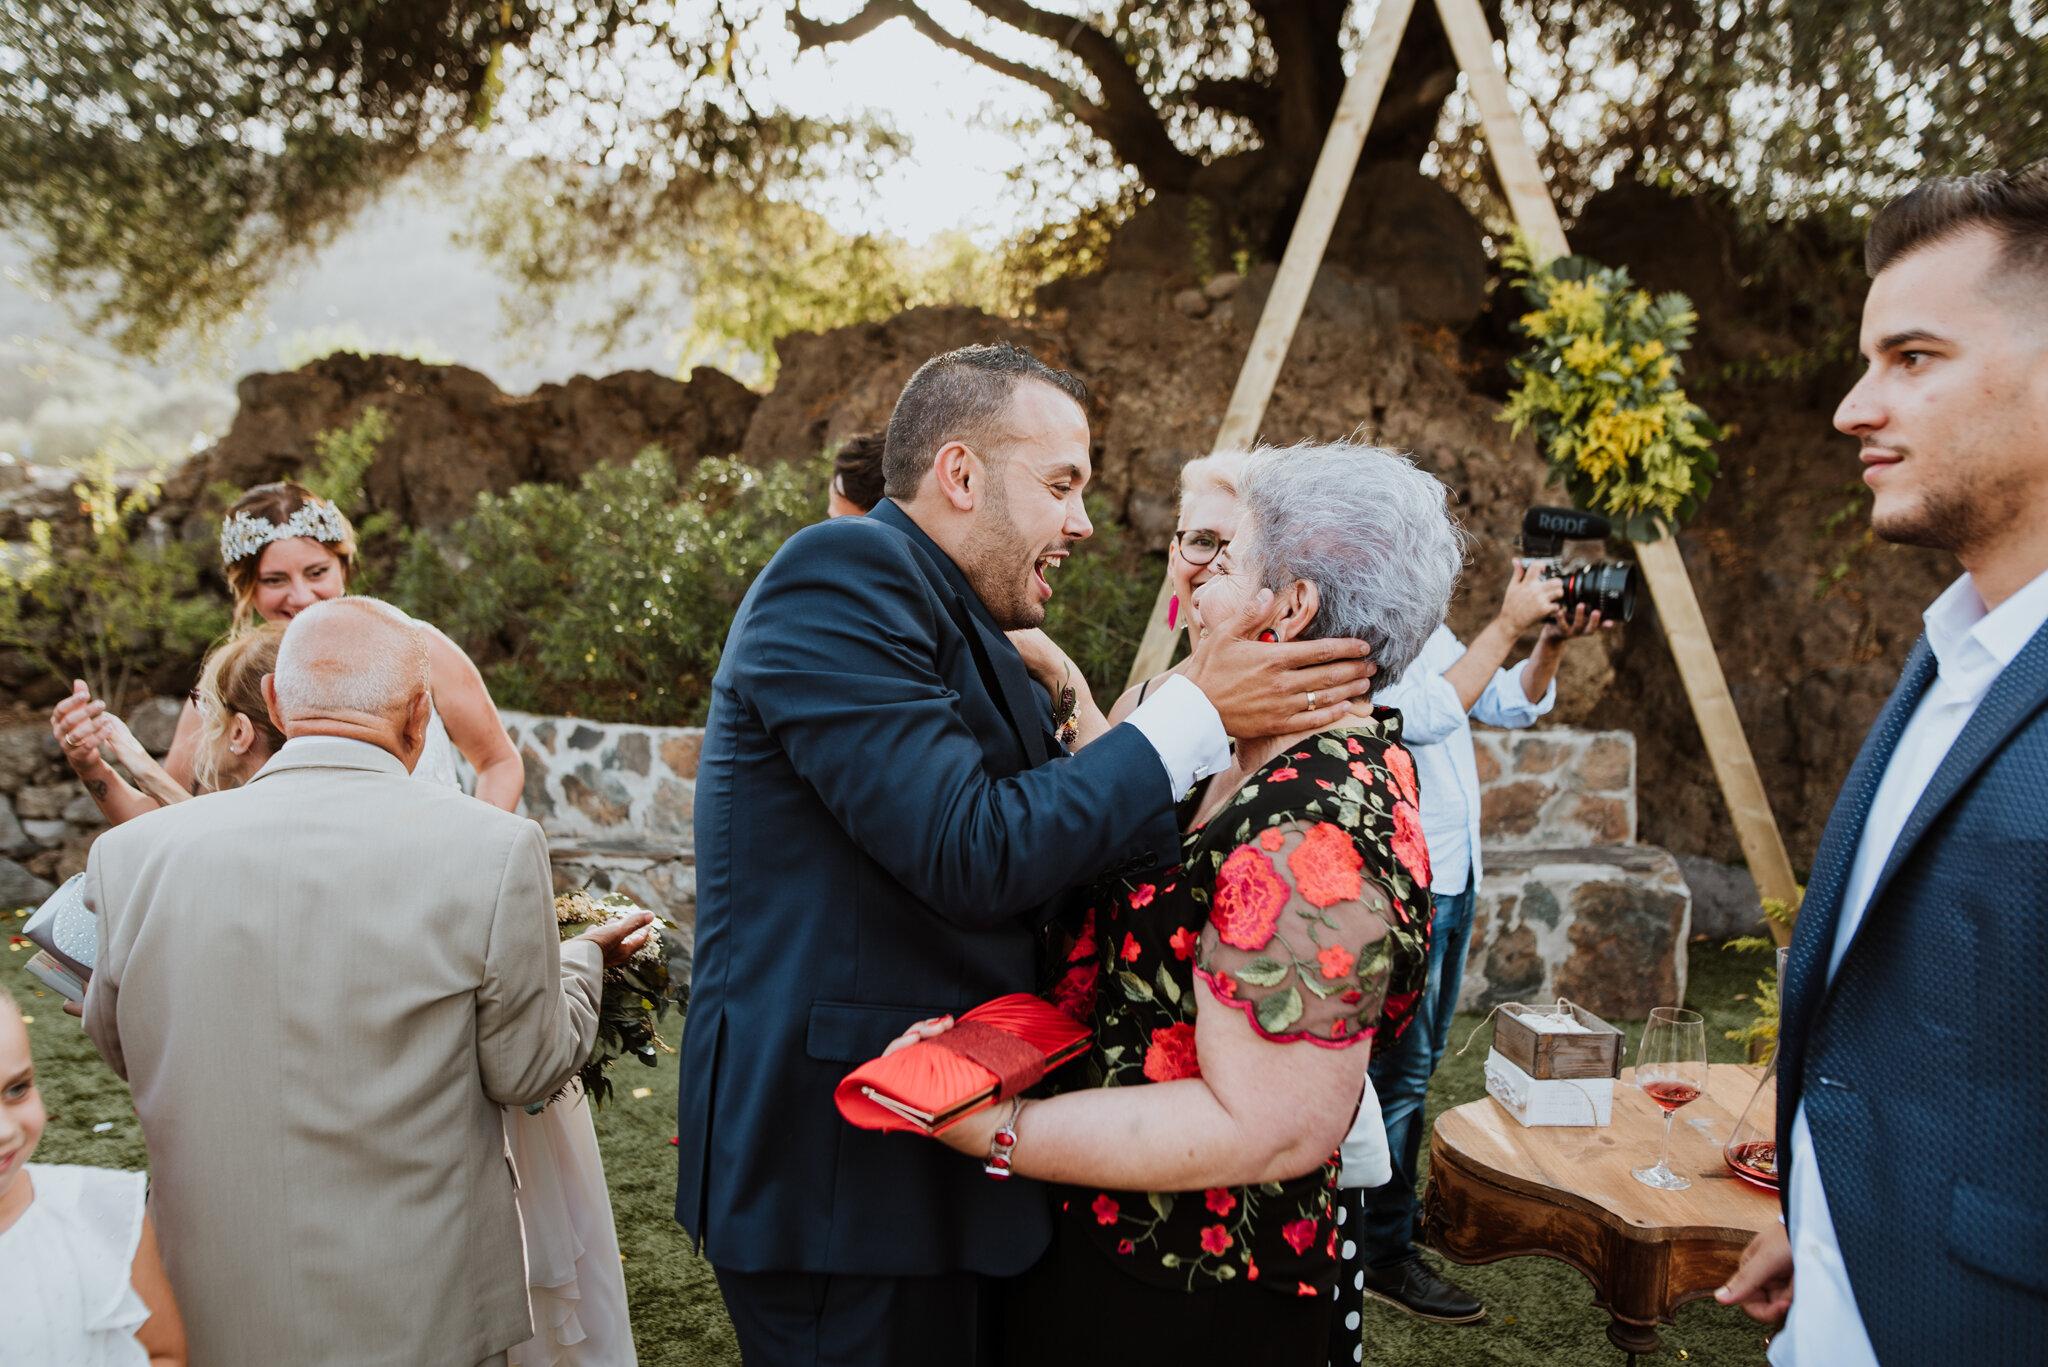 fotografo de bodas las palmas_-89.jpg